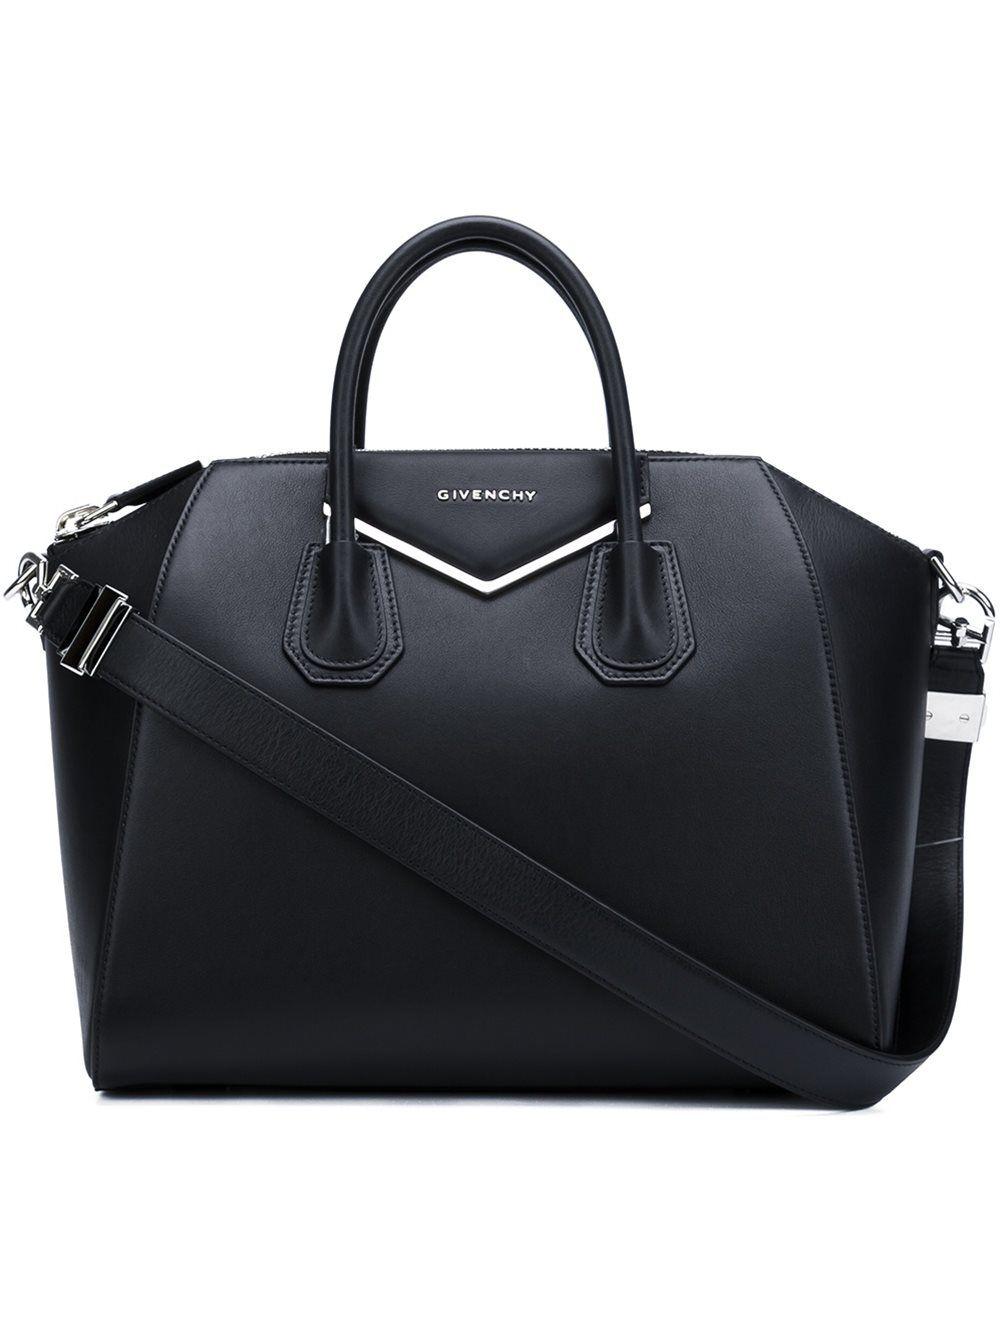 Main Médium Givenchy Main Sac Givenchy À Sac À Médium 8OPkwn0